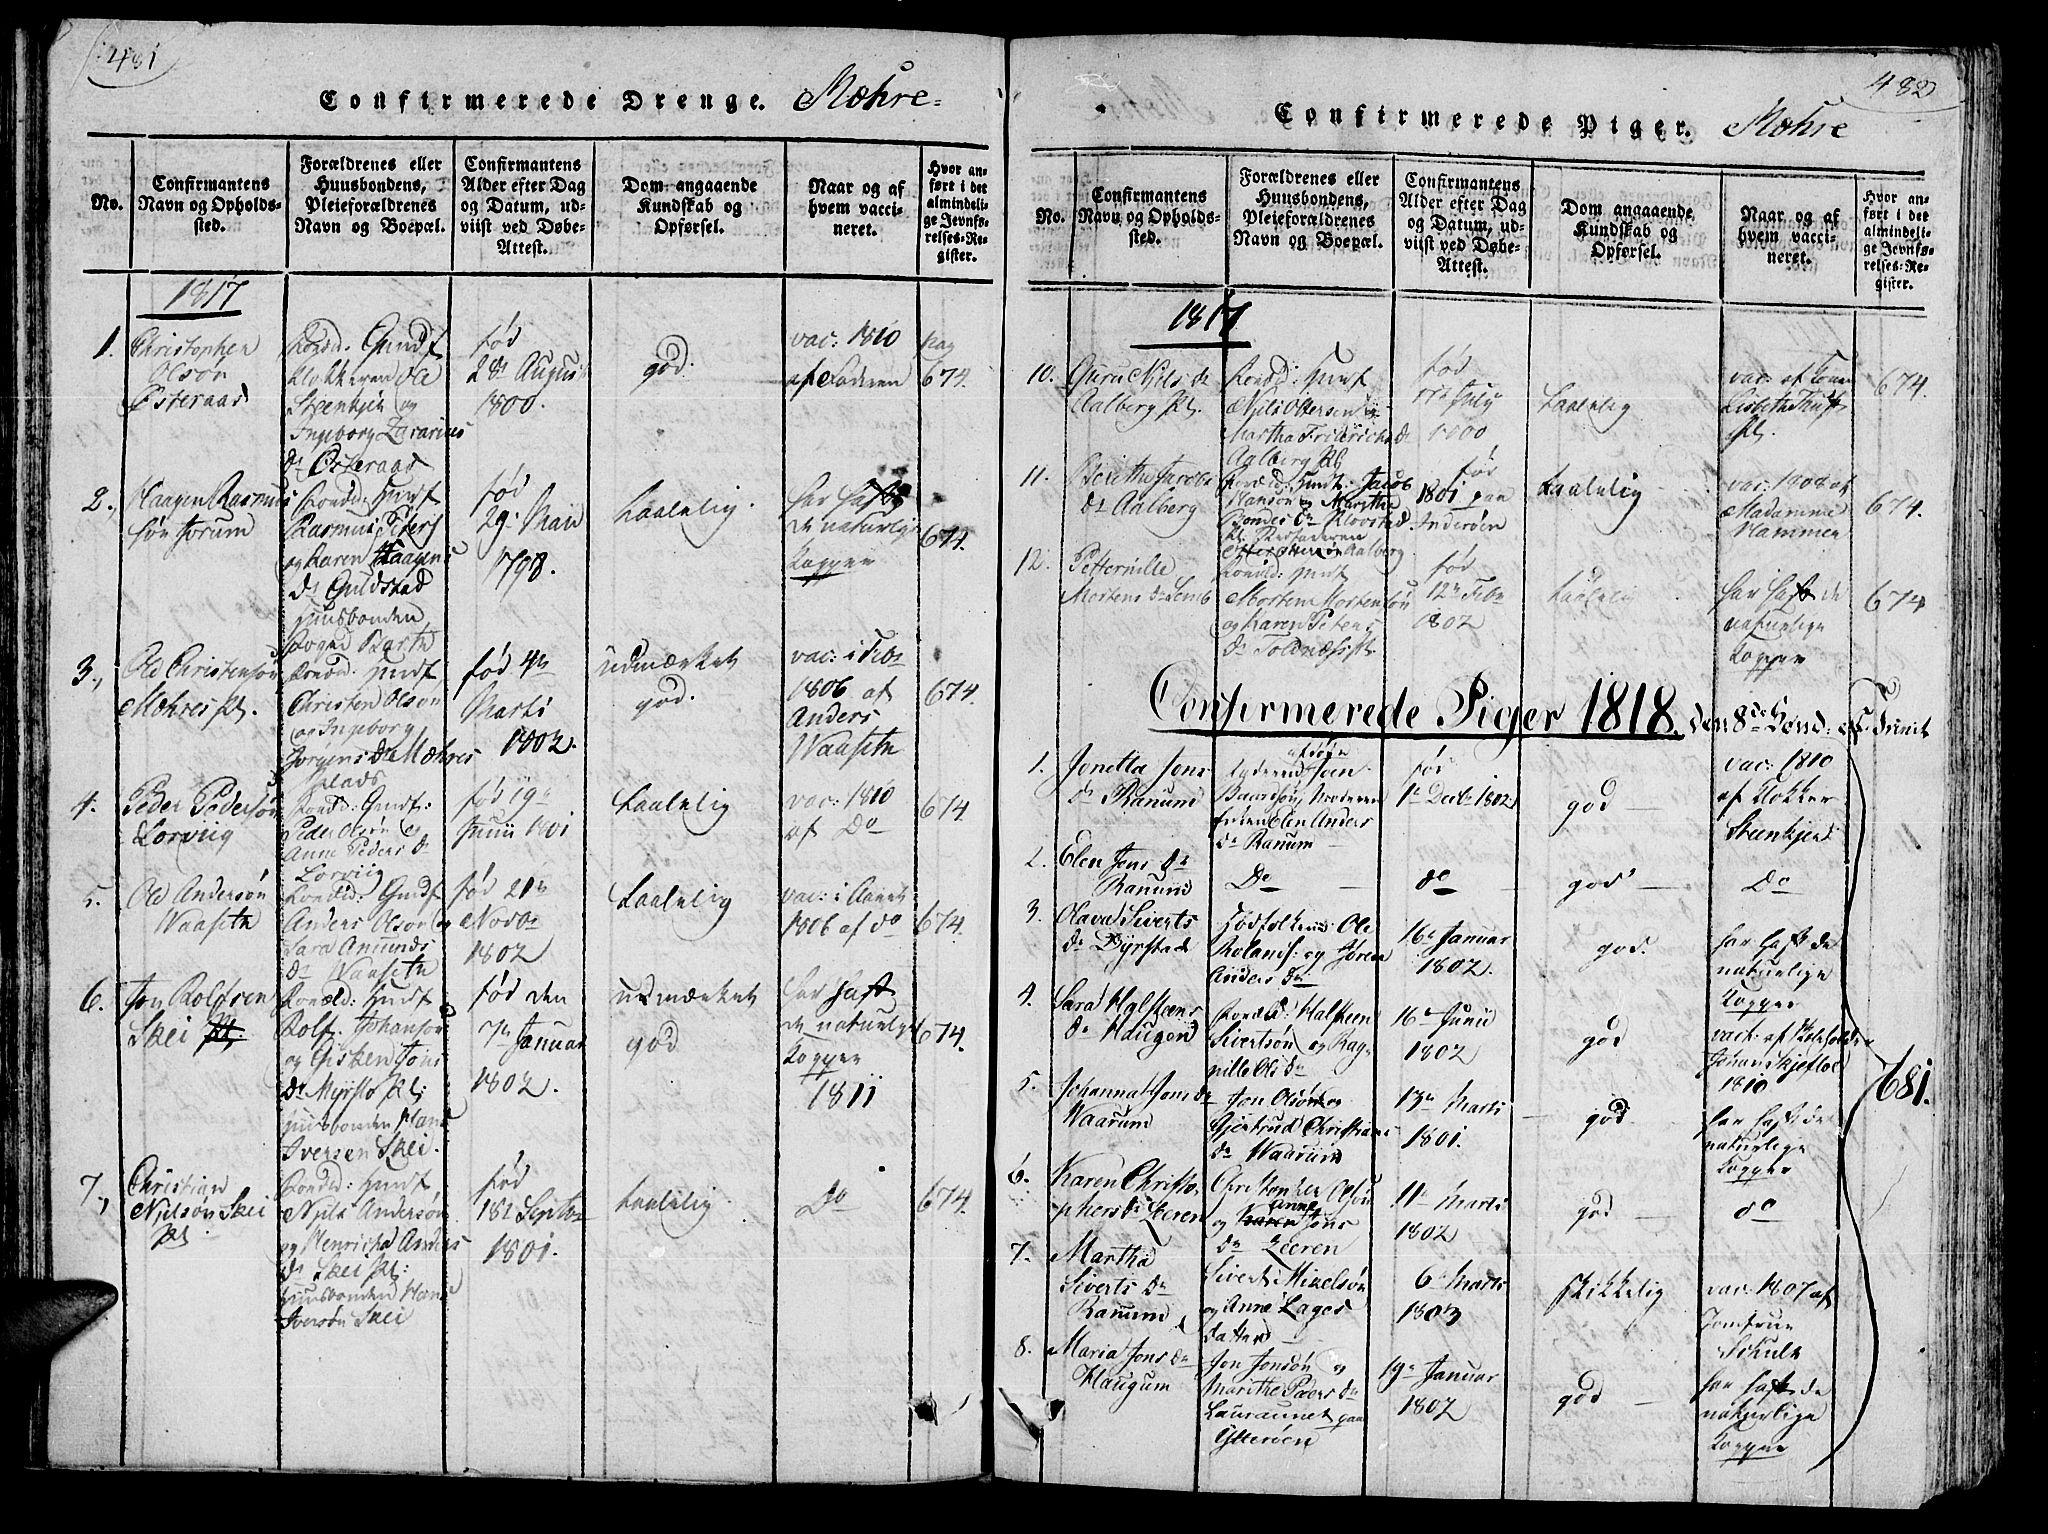 SAT, Ministerialprotokoller, klokkerbøker og fødselsregistre - Nord-Trøndelag, 735/L0333: Ministerialbok nr. 735A04 /1, 1816-1824, s. 481-482